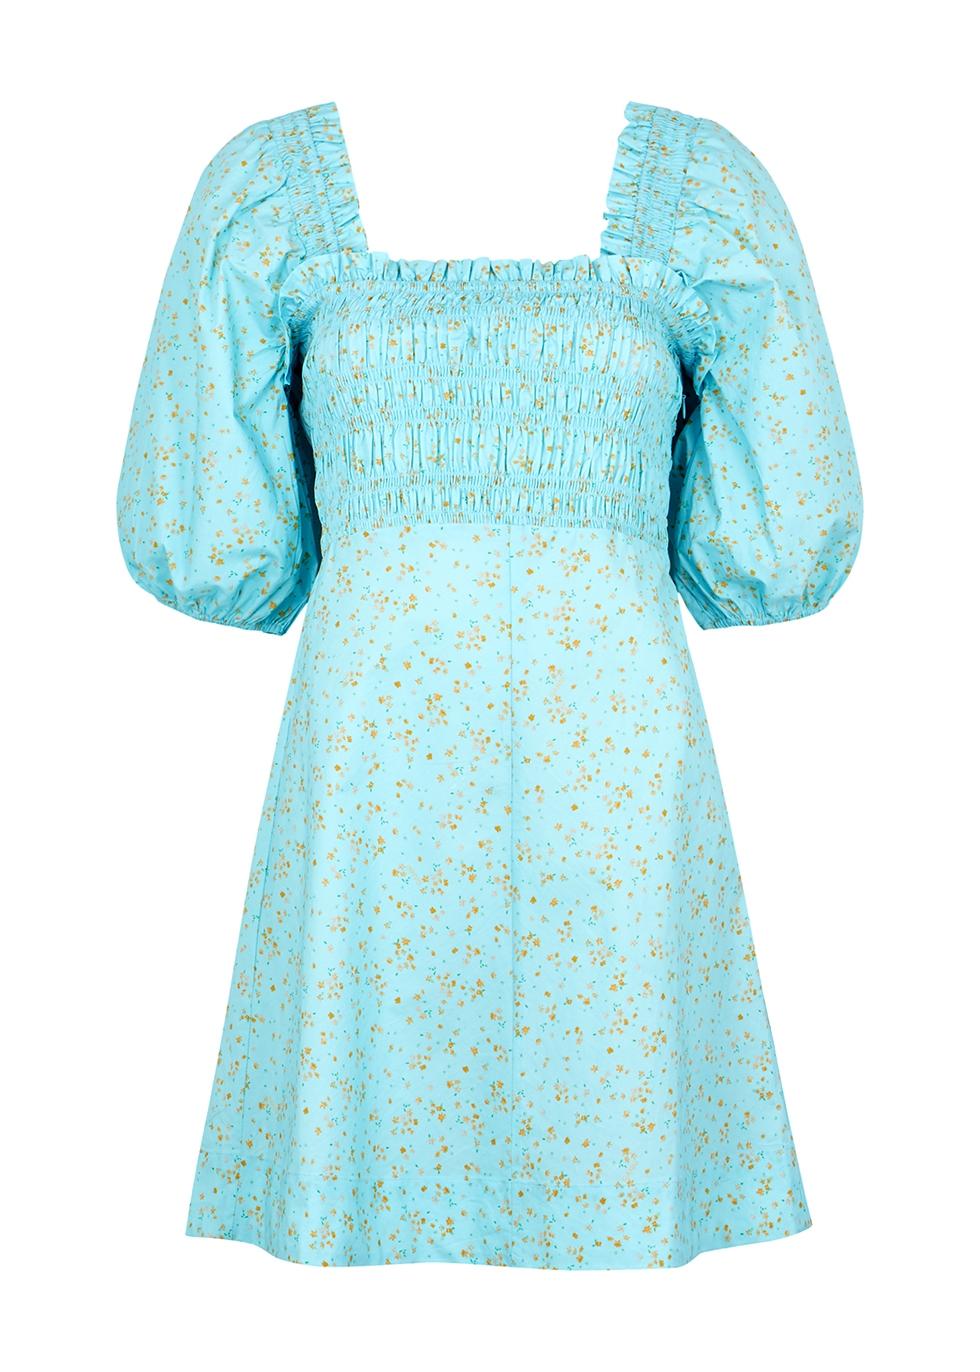 Blue floral-print cotton mini dress